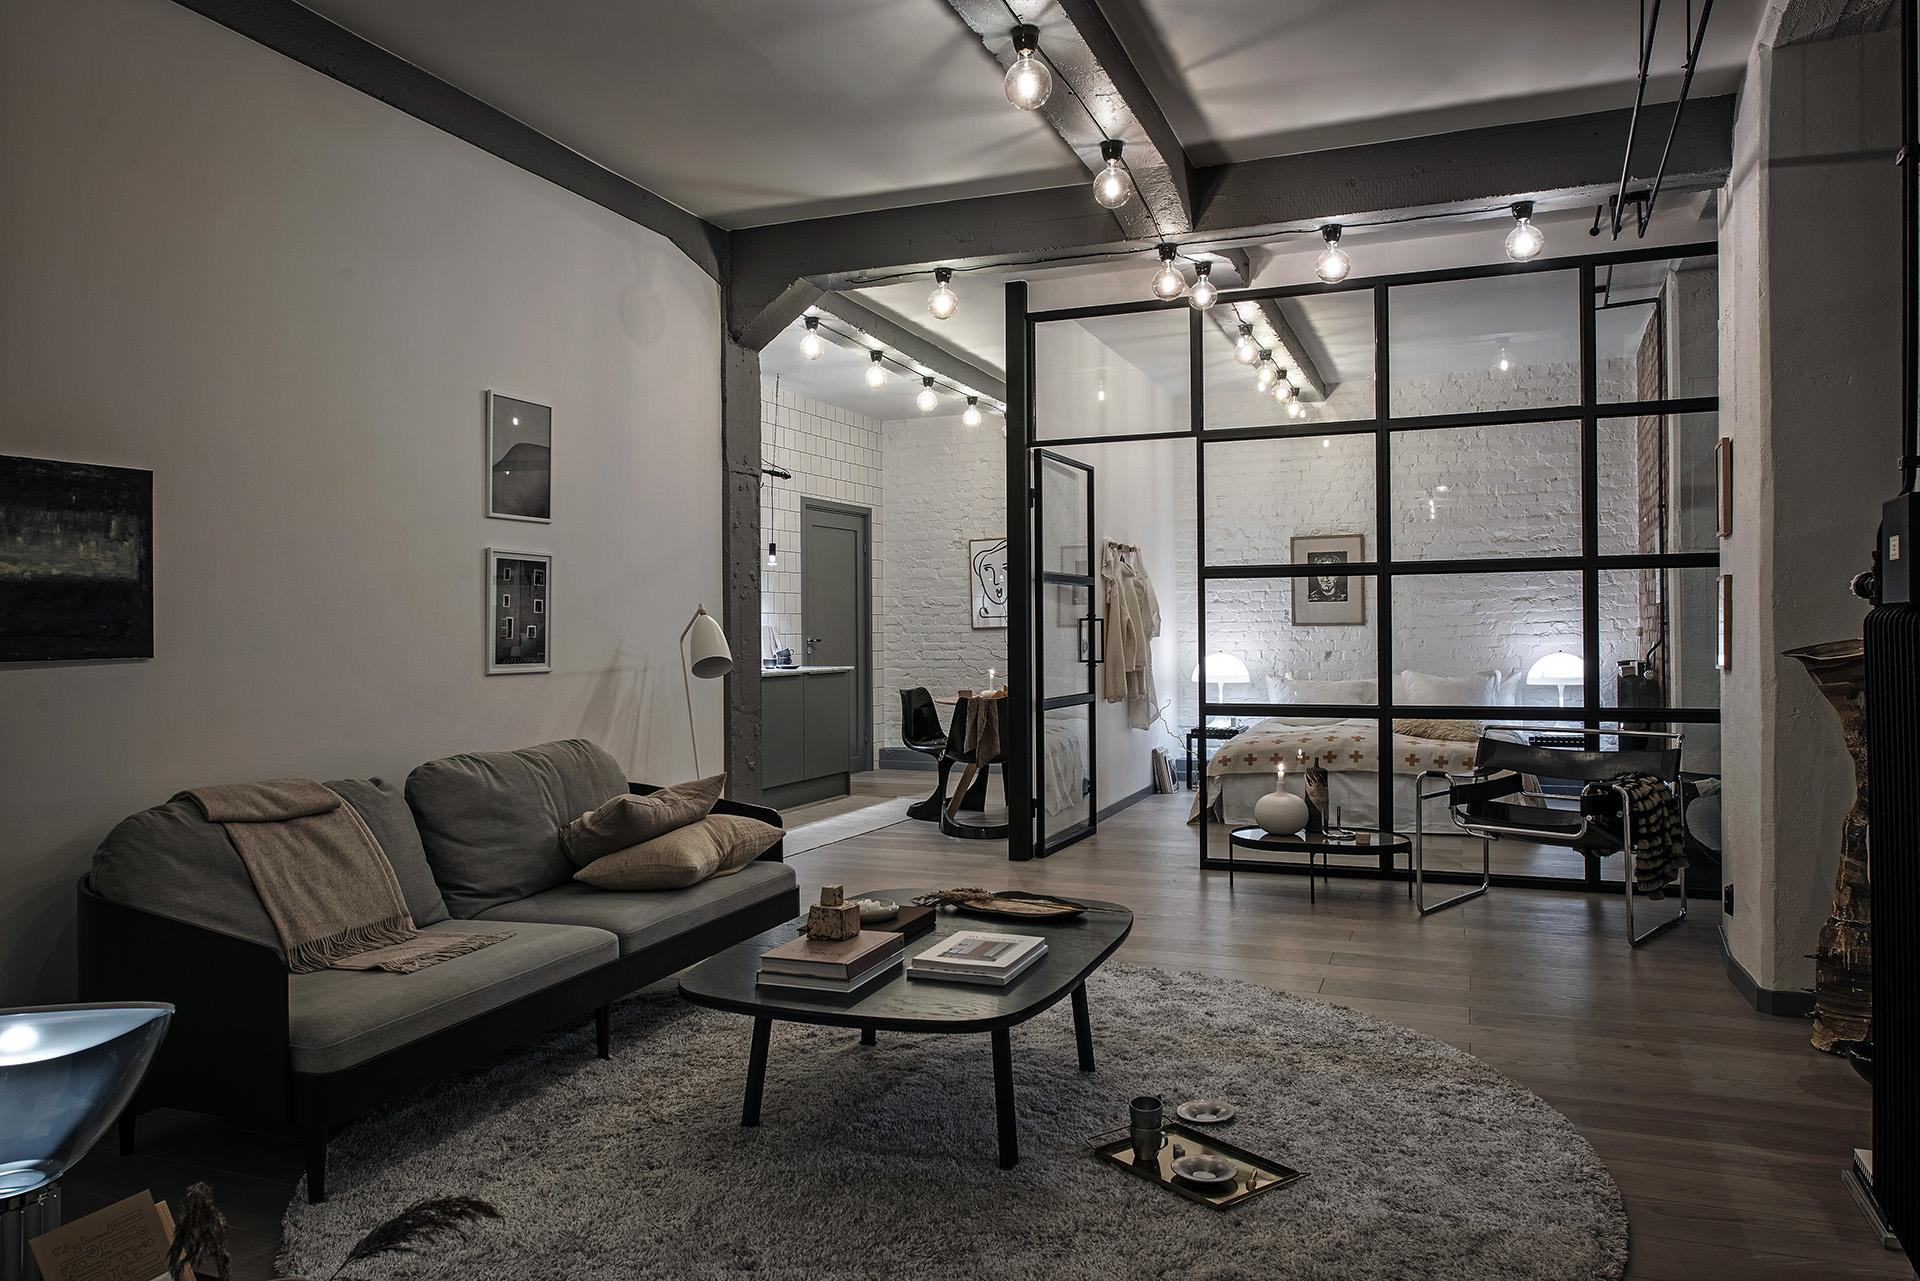 Realiza con éxito una reforma completa de tu hogar con sólo tres pasos (1)